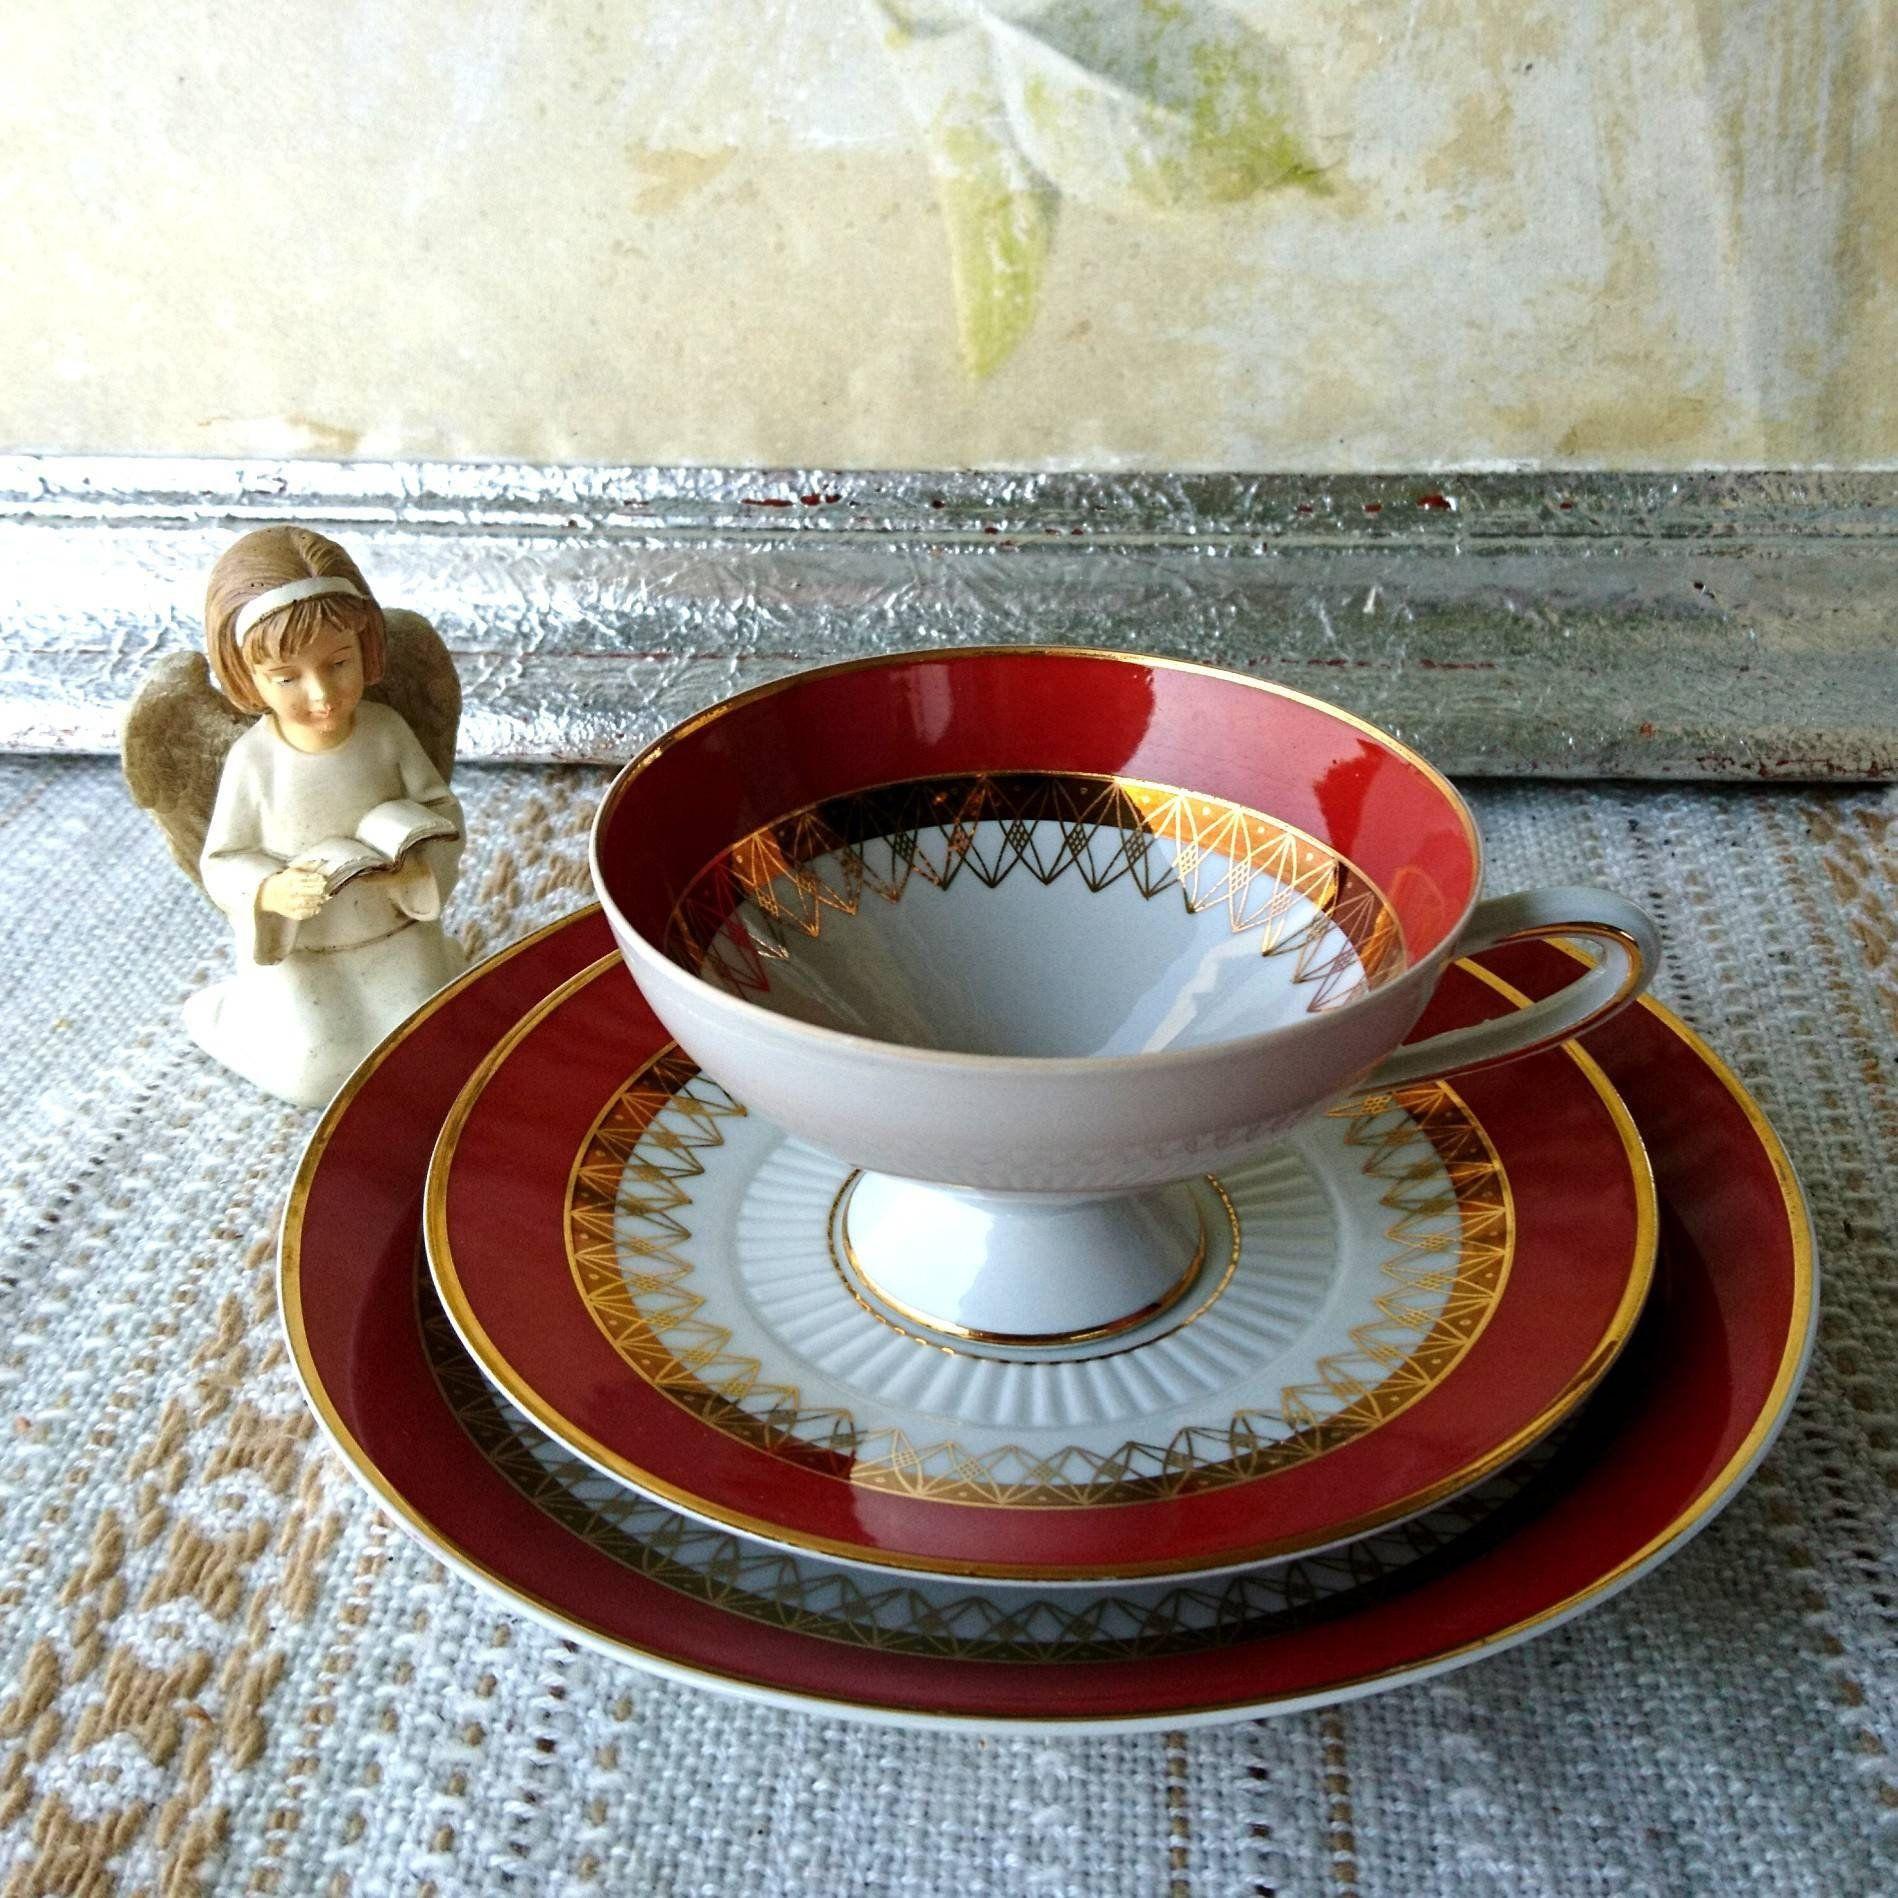 Vintage Sammelgedeck Aus Den 60er 70er Porzellan Ddr Gdr 3teilig Tasse Teller Untertasse Schierholz Sche Porzellanmanufaktur Plau Cup Vintage Collection Saucer